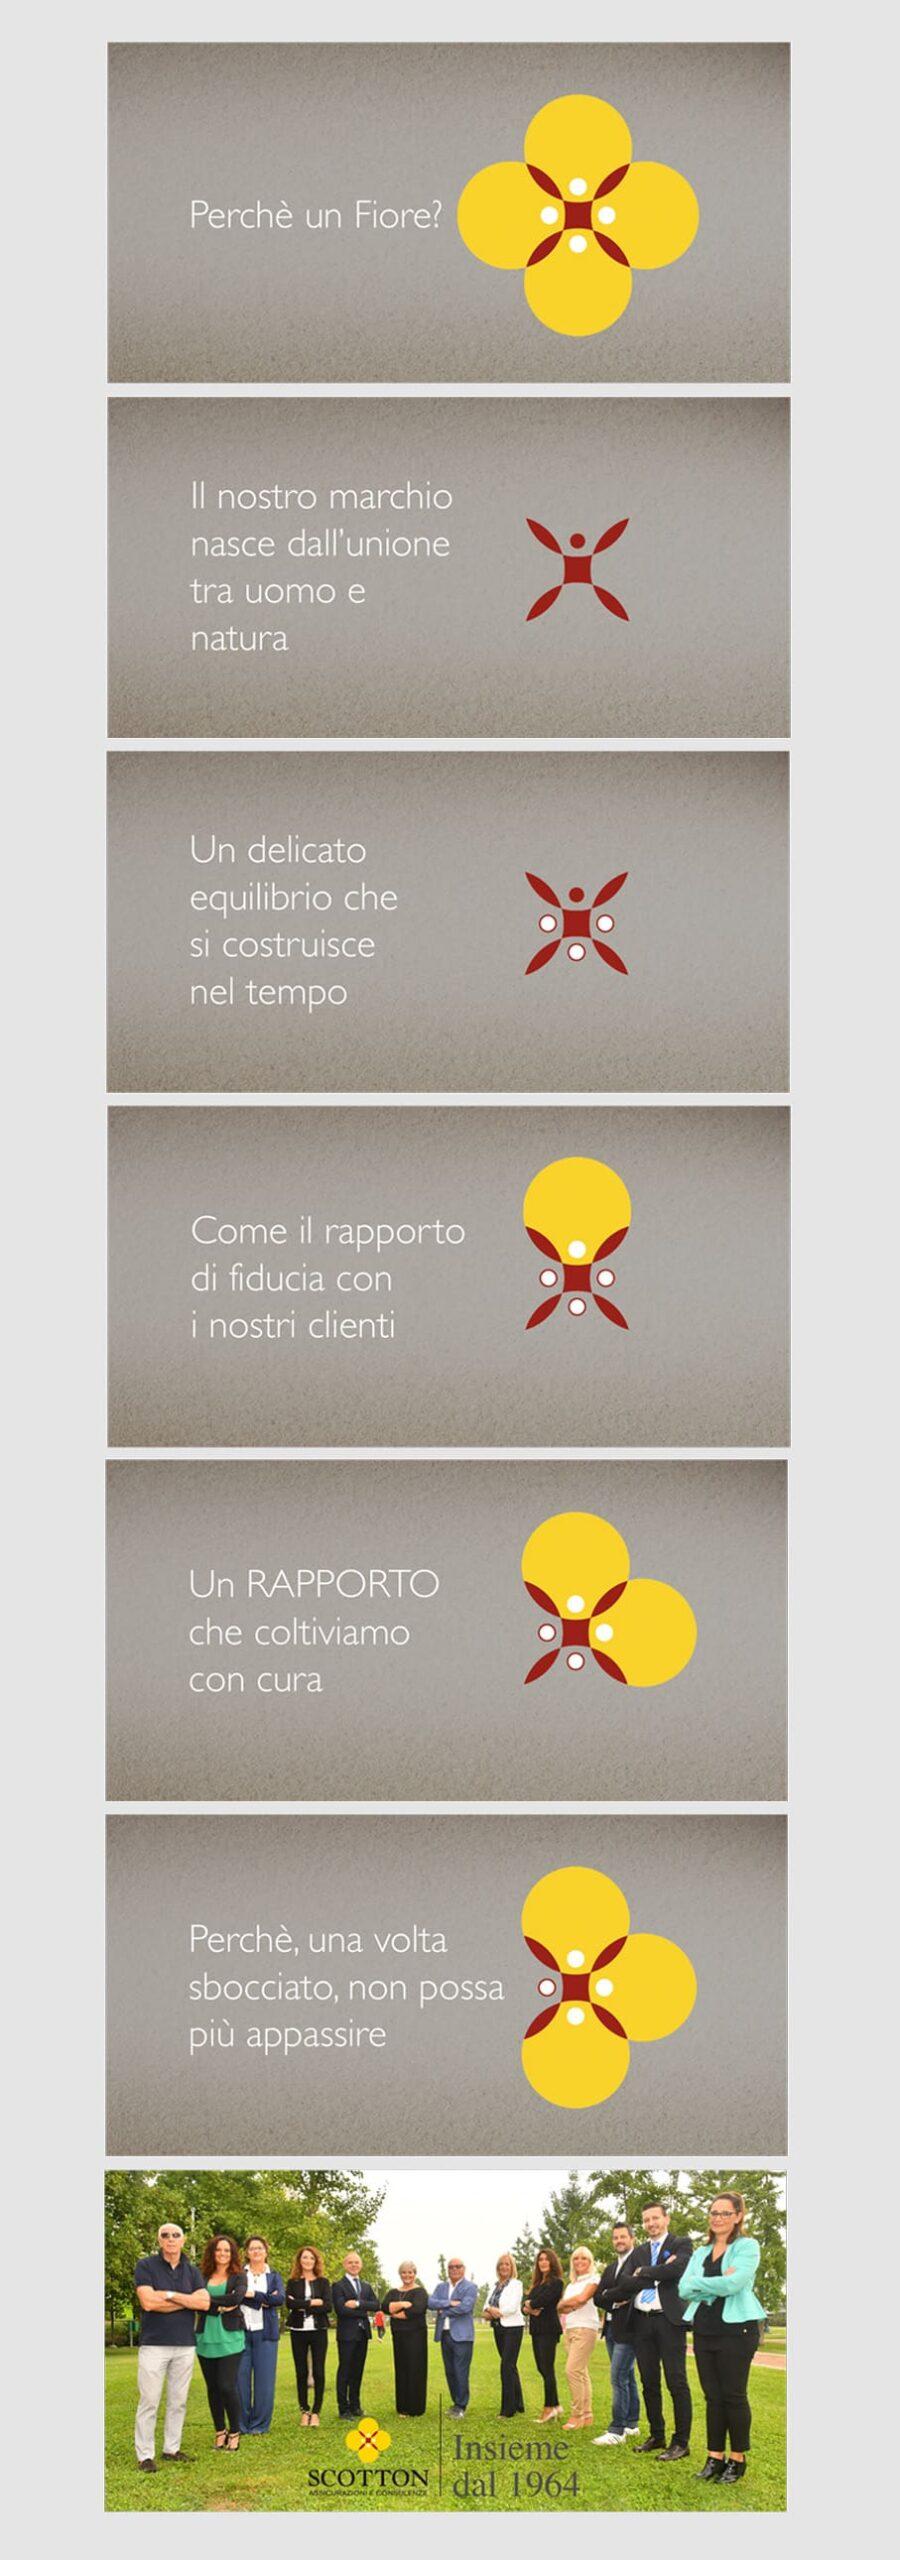 Animazione logo homepage sito Scotton Assicurazioni